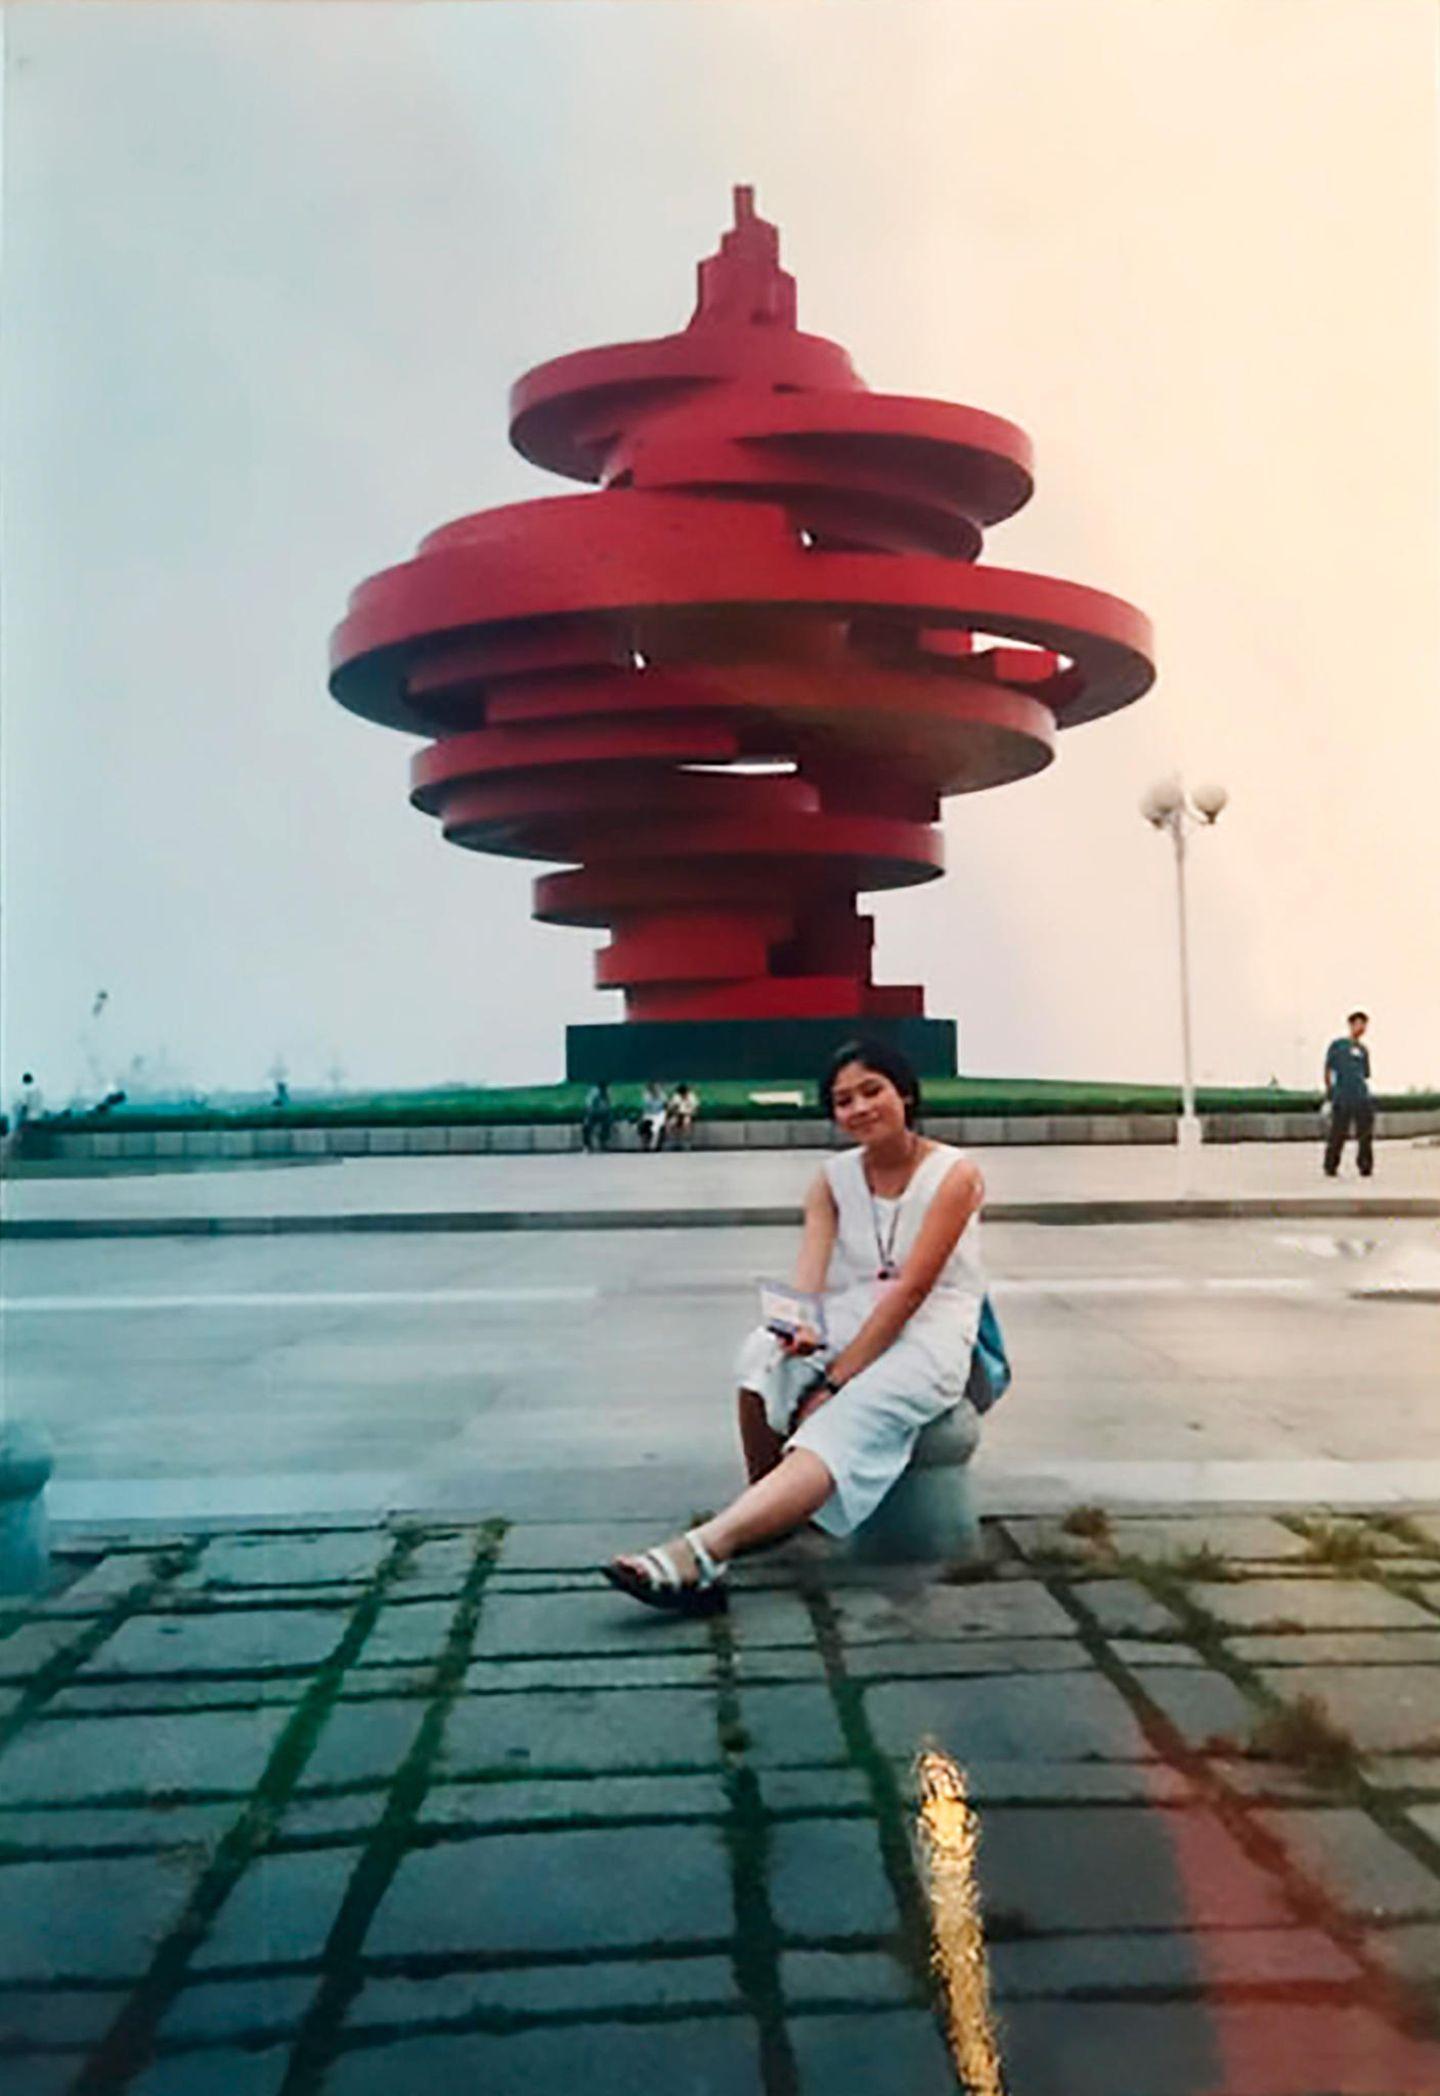 Junge Frau vor Skulptur